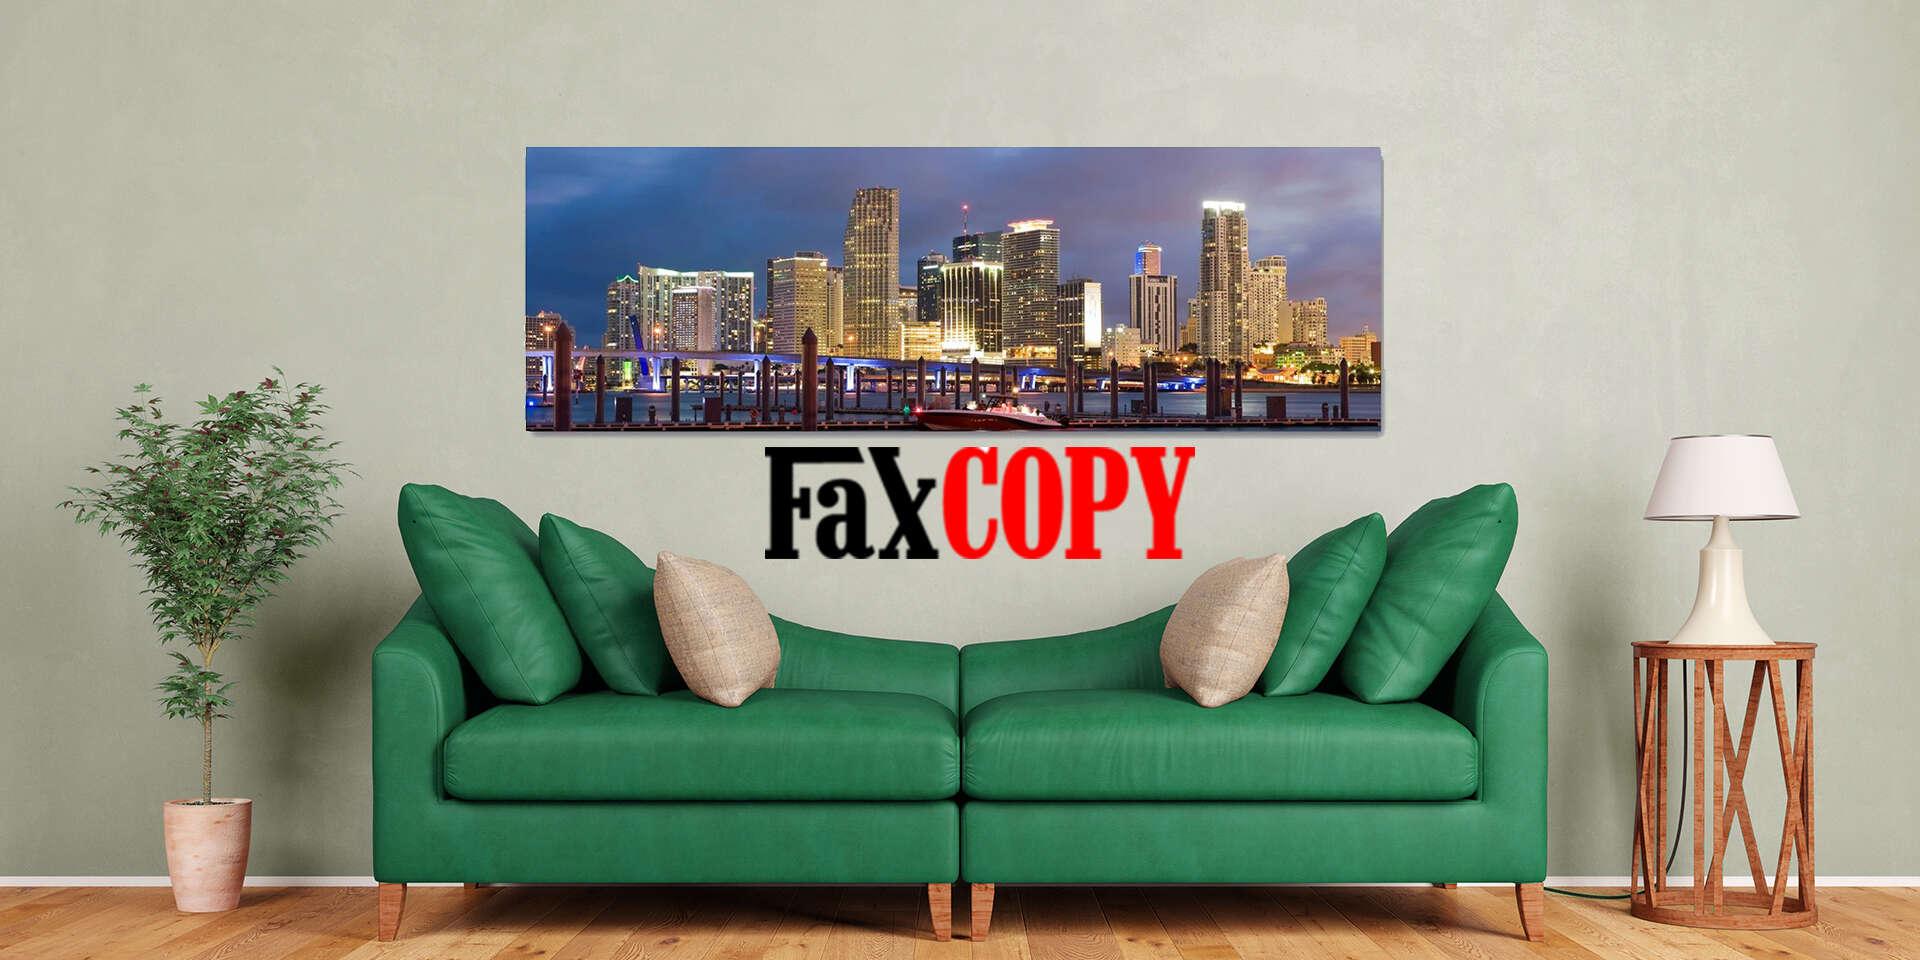 Veľkoformátový obraz z vašej fotografie na oživenie vašich priestorov s možnosťou odberu až v 39 predajniach FaxCOPY